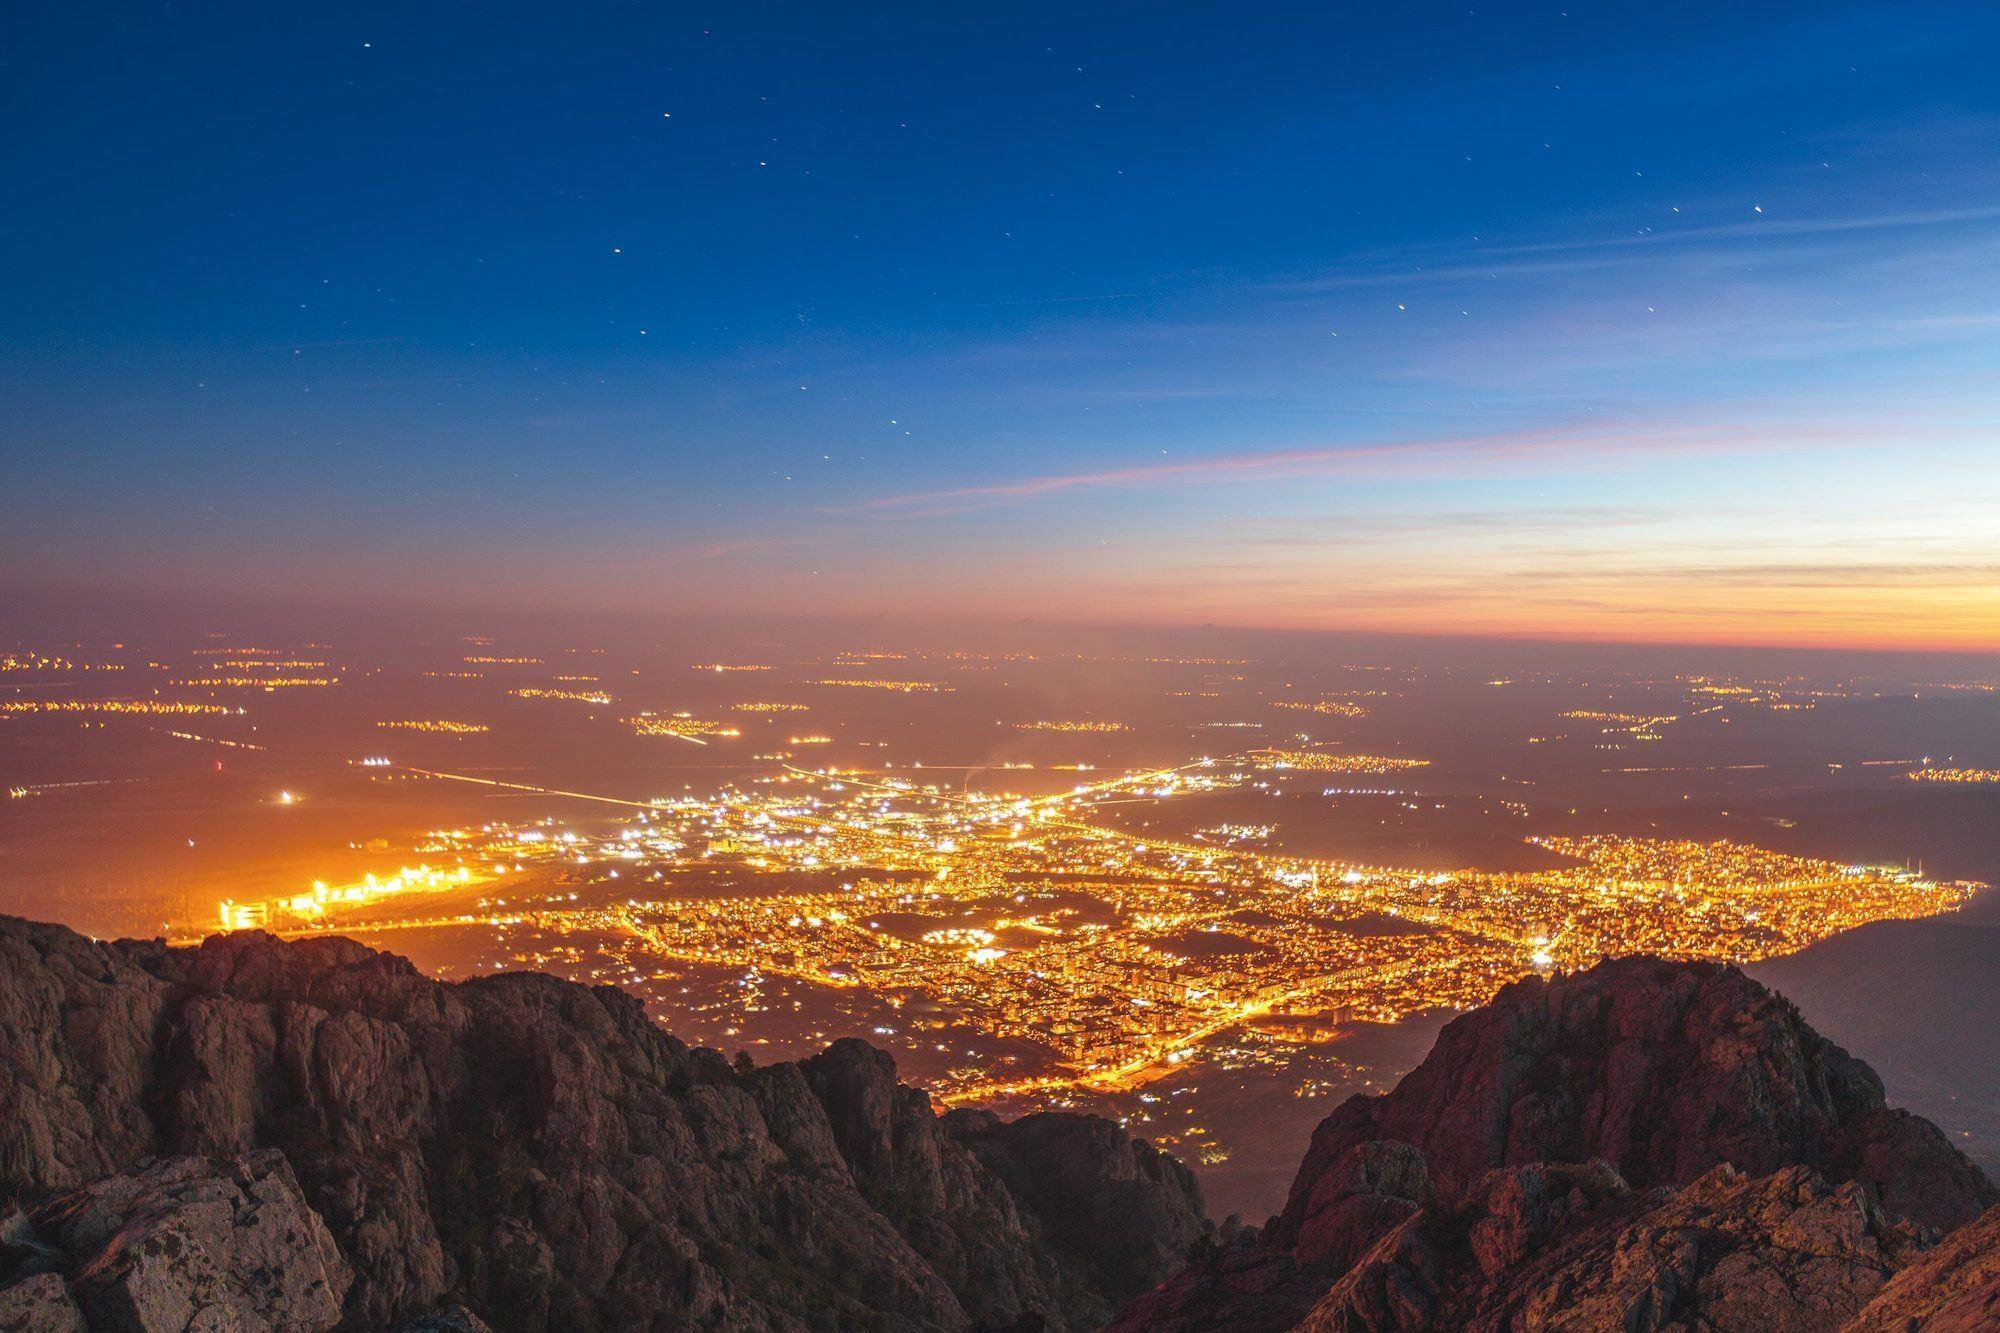 Les circuits électriques la nuit dans une ville